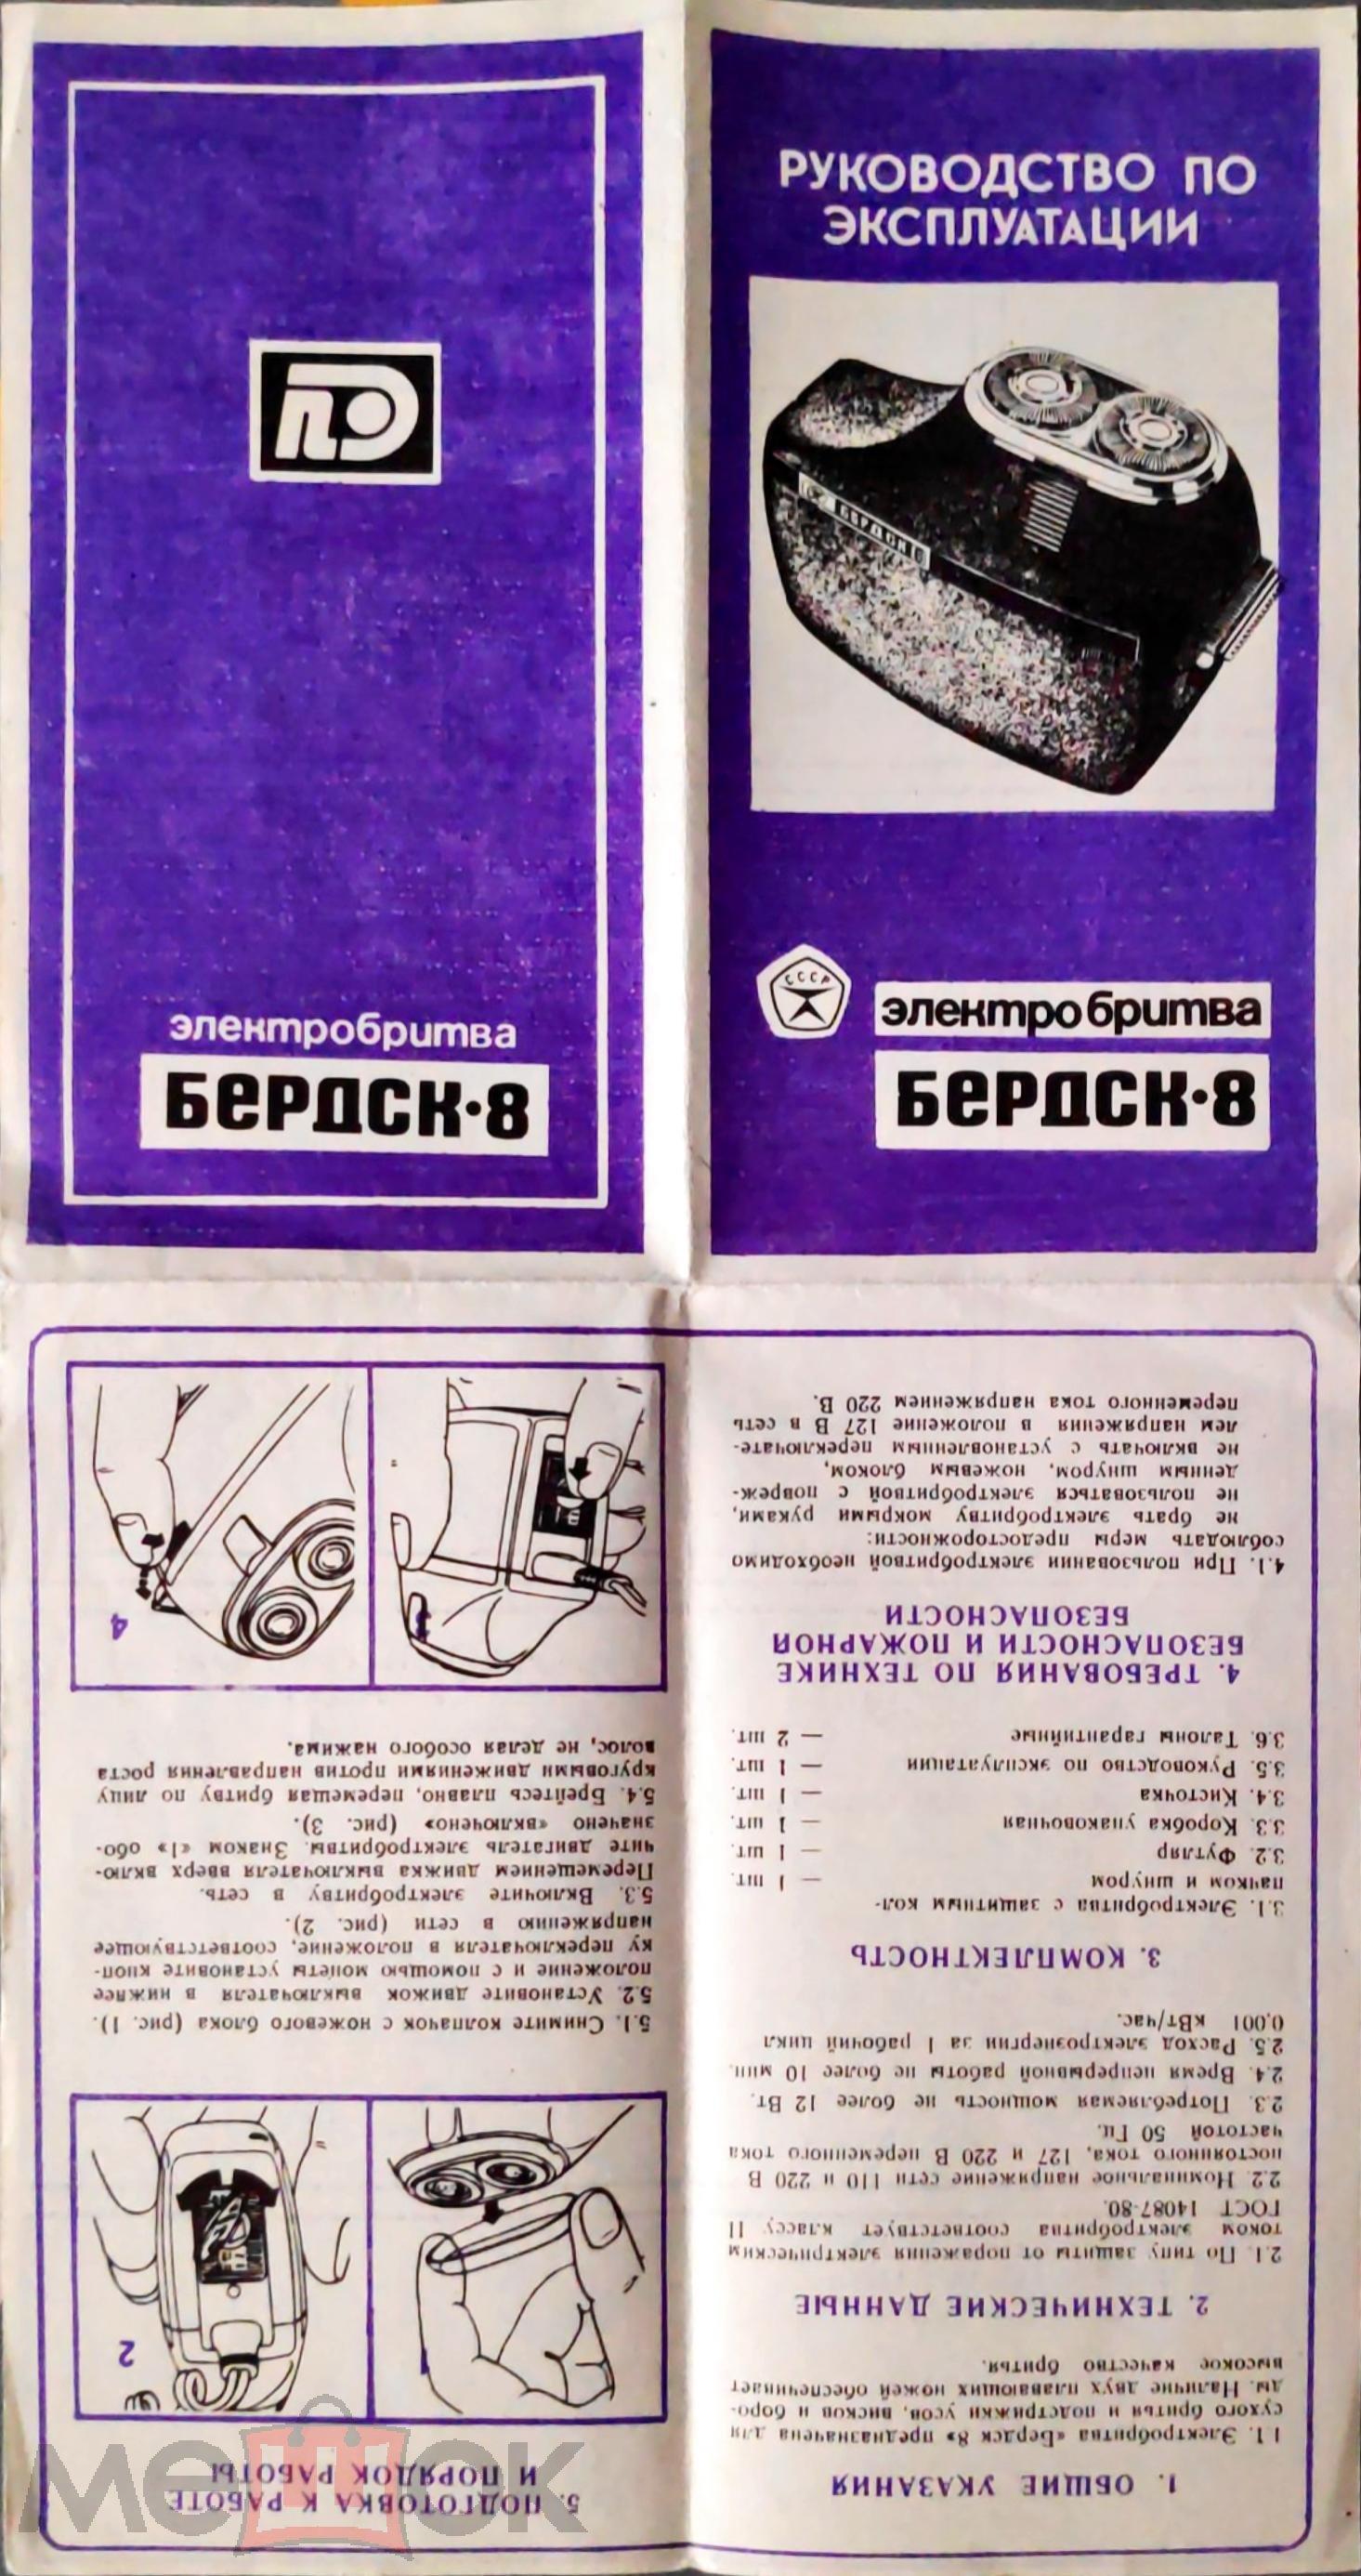 РУКОВОДСТВО ДЛЯ БРИТВЫ БЕРДСК - 8 (2) !!!